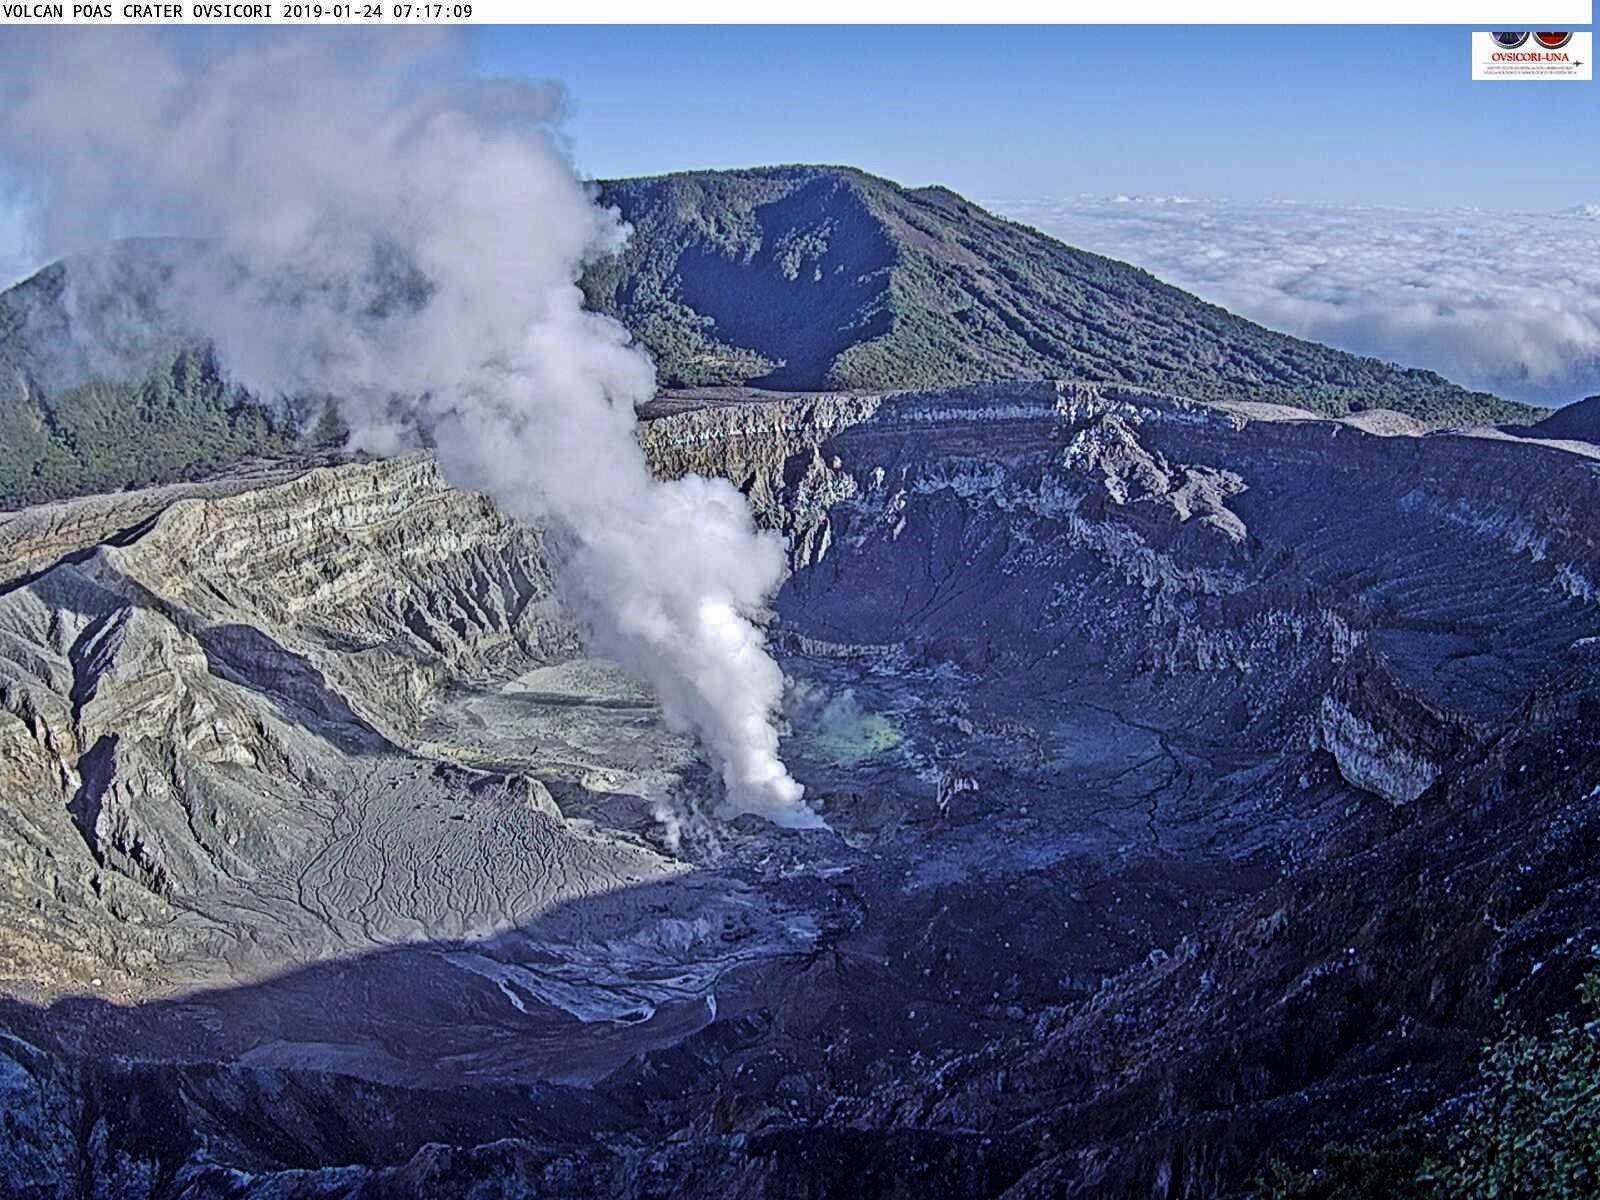 Poas - panaches de vapeur du 24.01.2019, respectivement à 7h17 et 11h38 - webcam Ovsicori